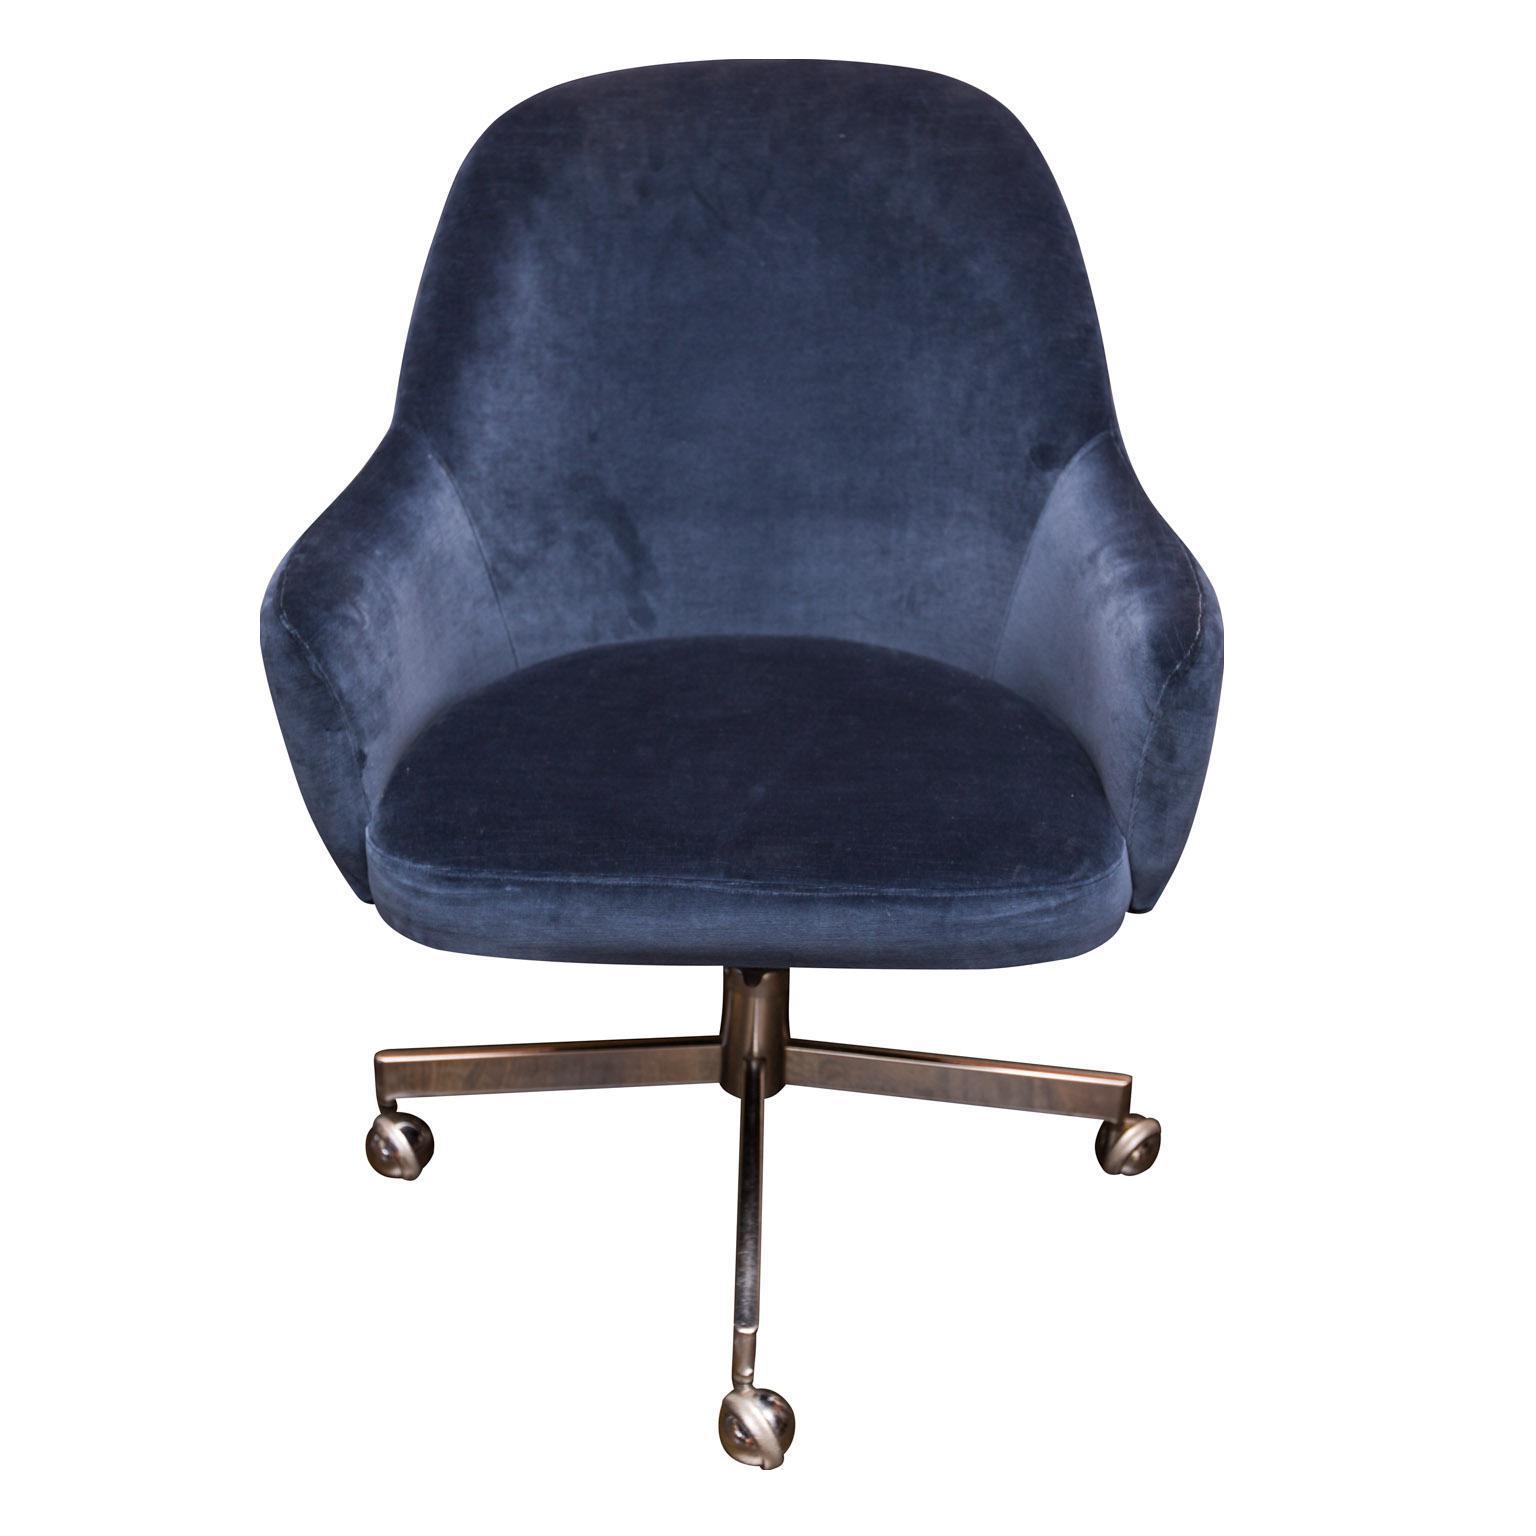 knoll-desk-chair-in-blue-velvet-1545?aspect=fit&width=320&height=320